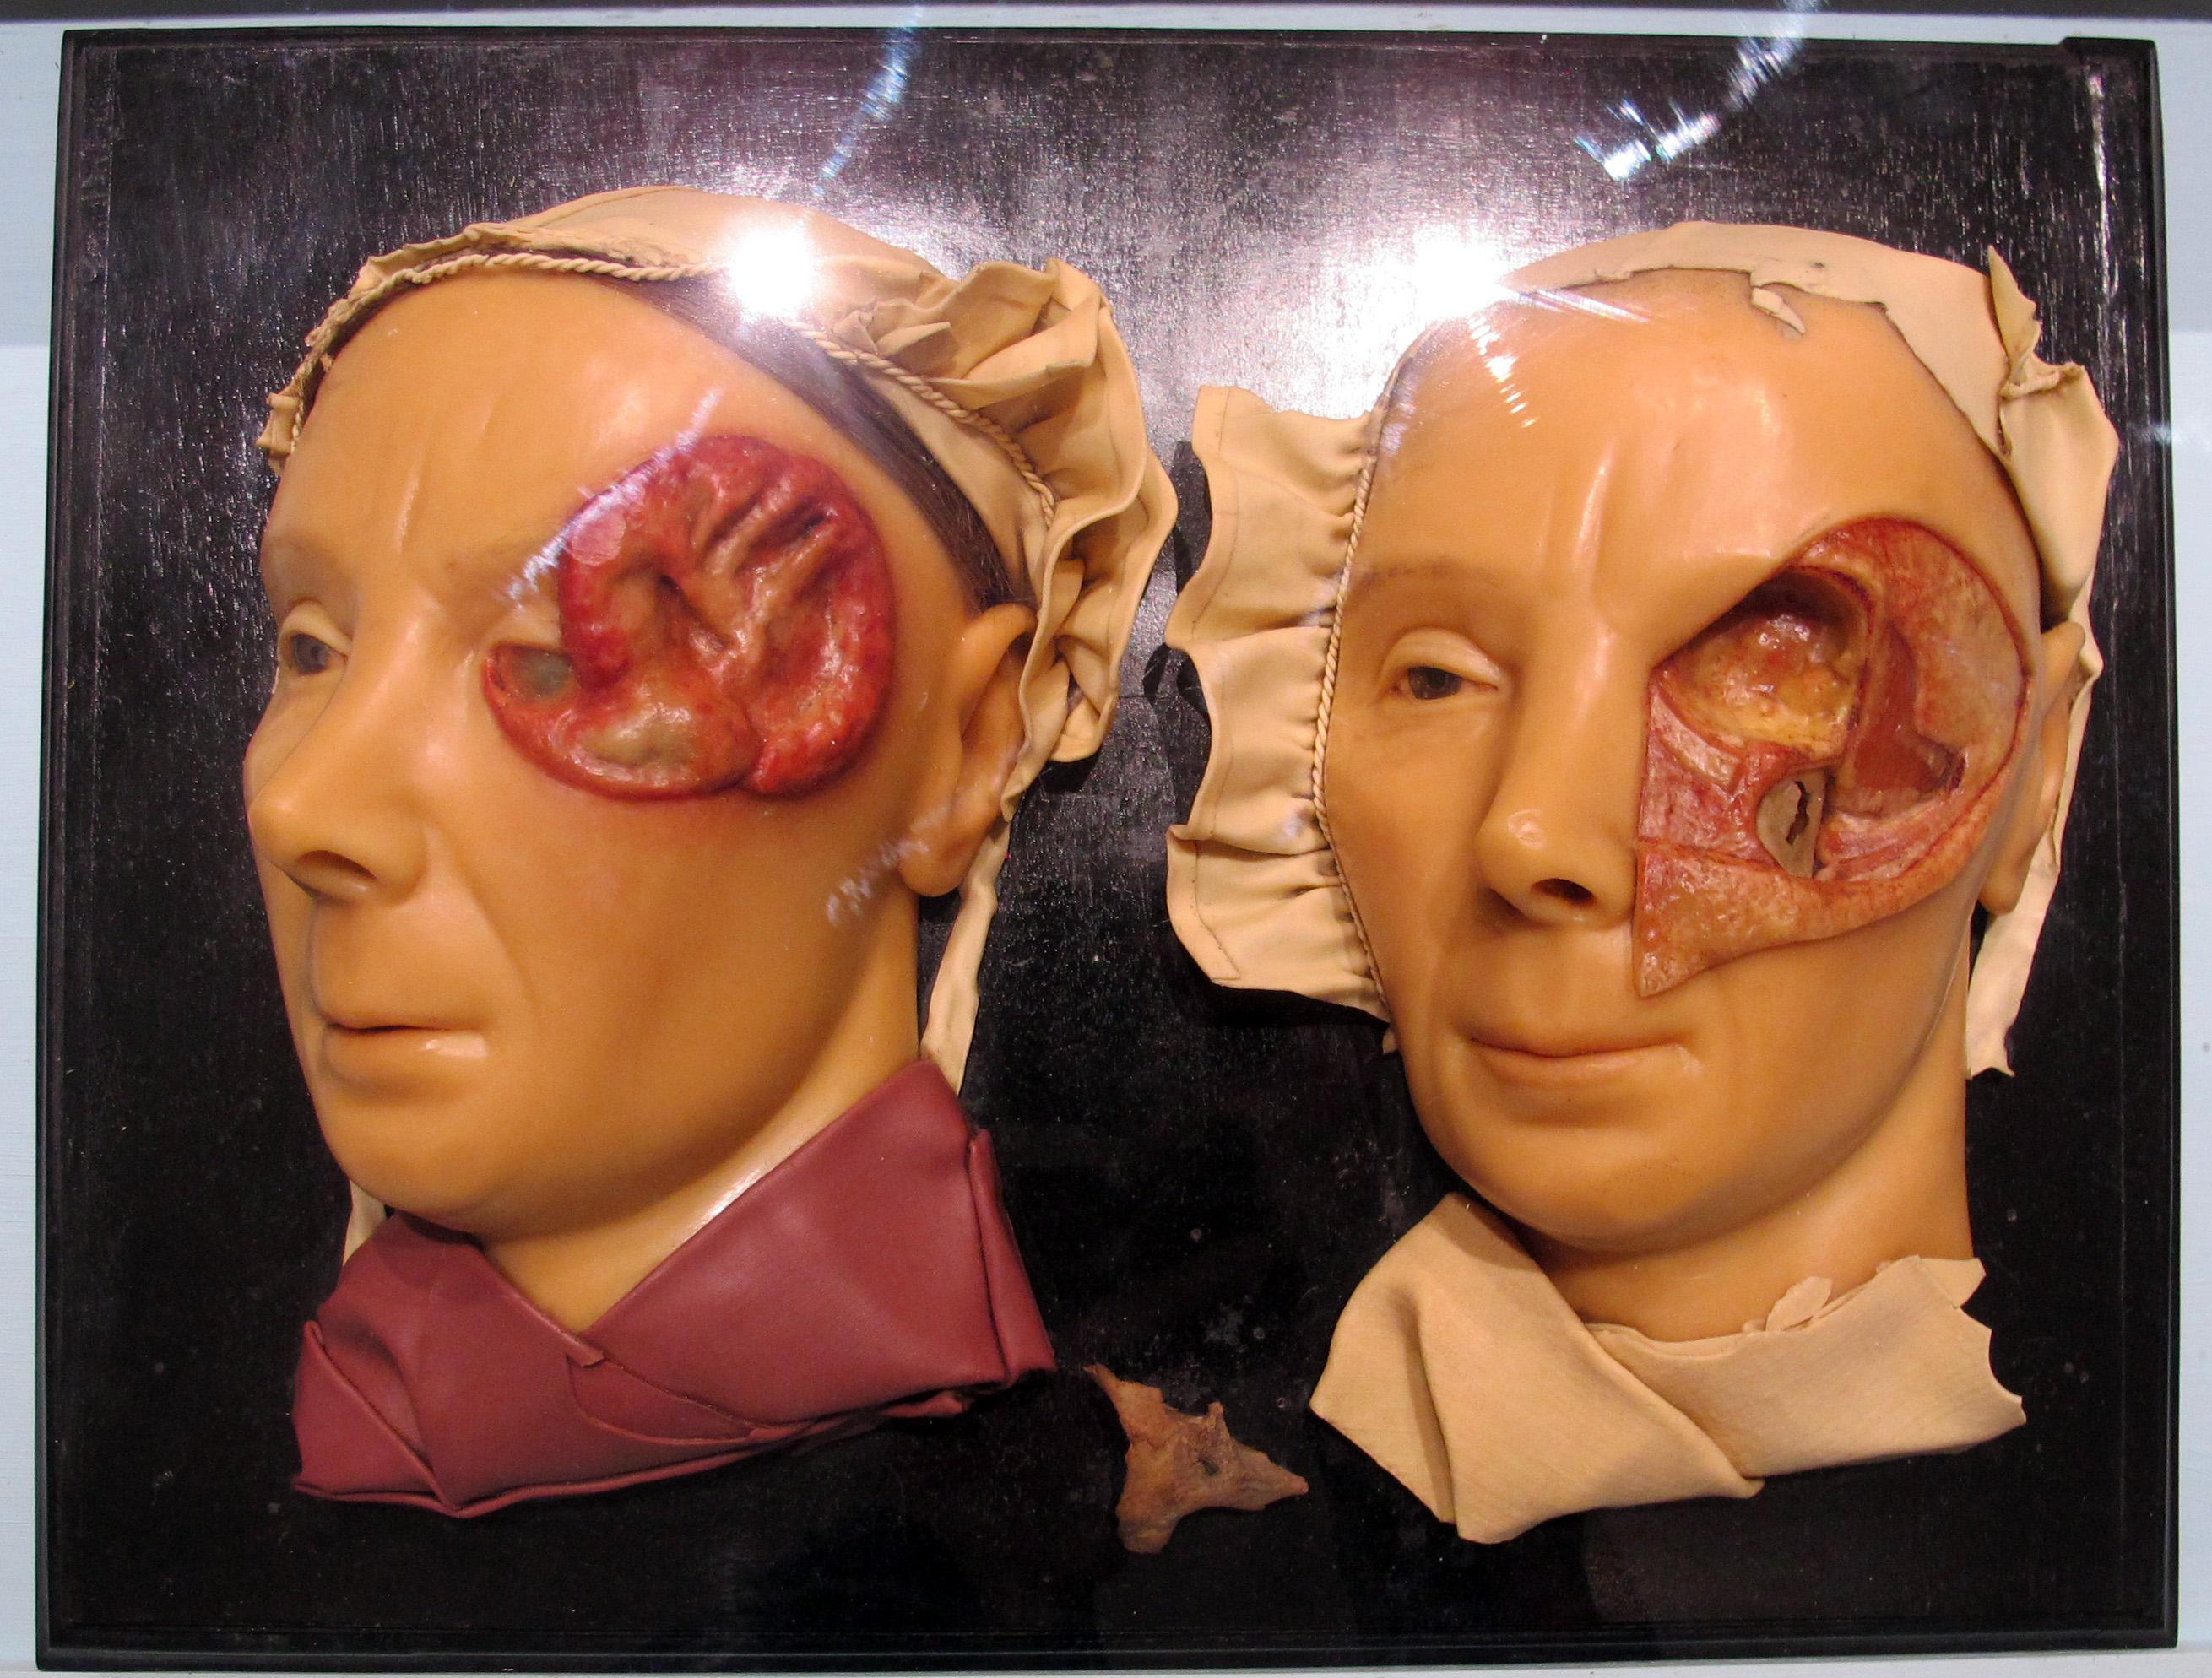 Dorable El Museo De Anatomía Patológica Friso - Imágenes de Anatomía ...